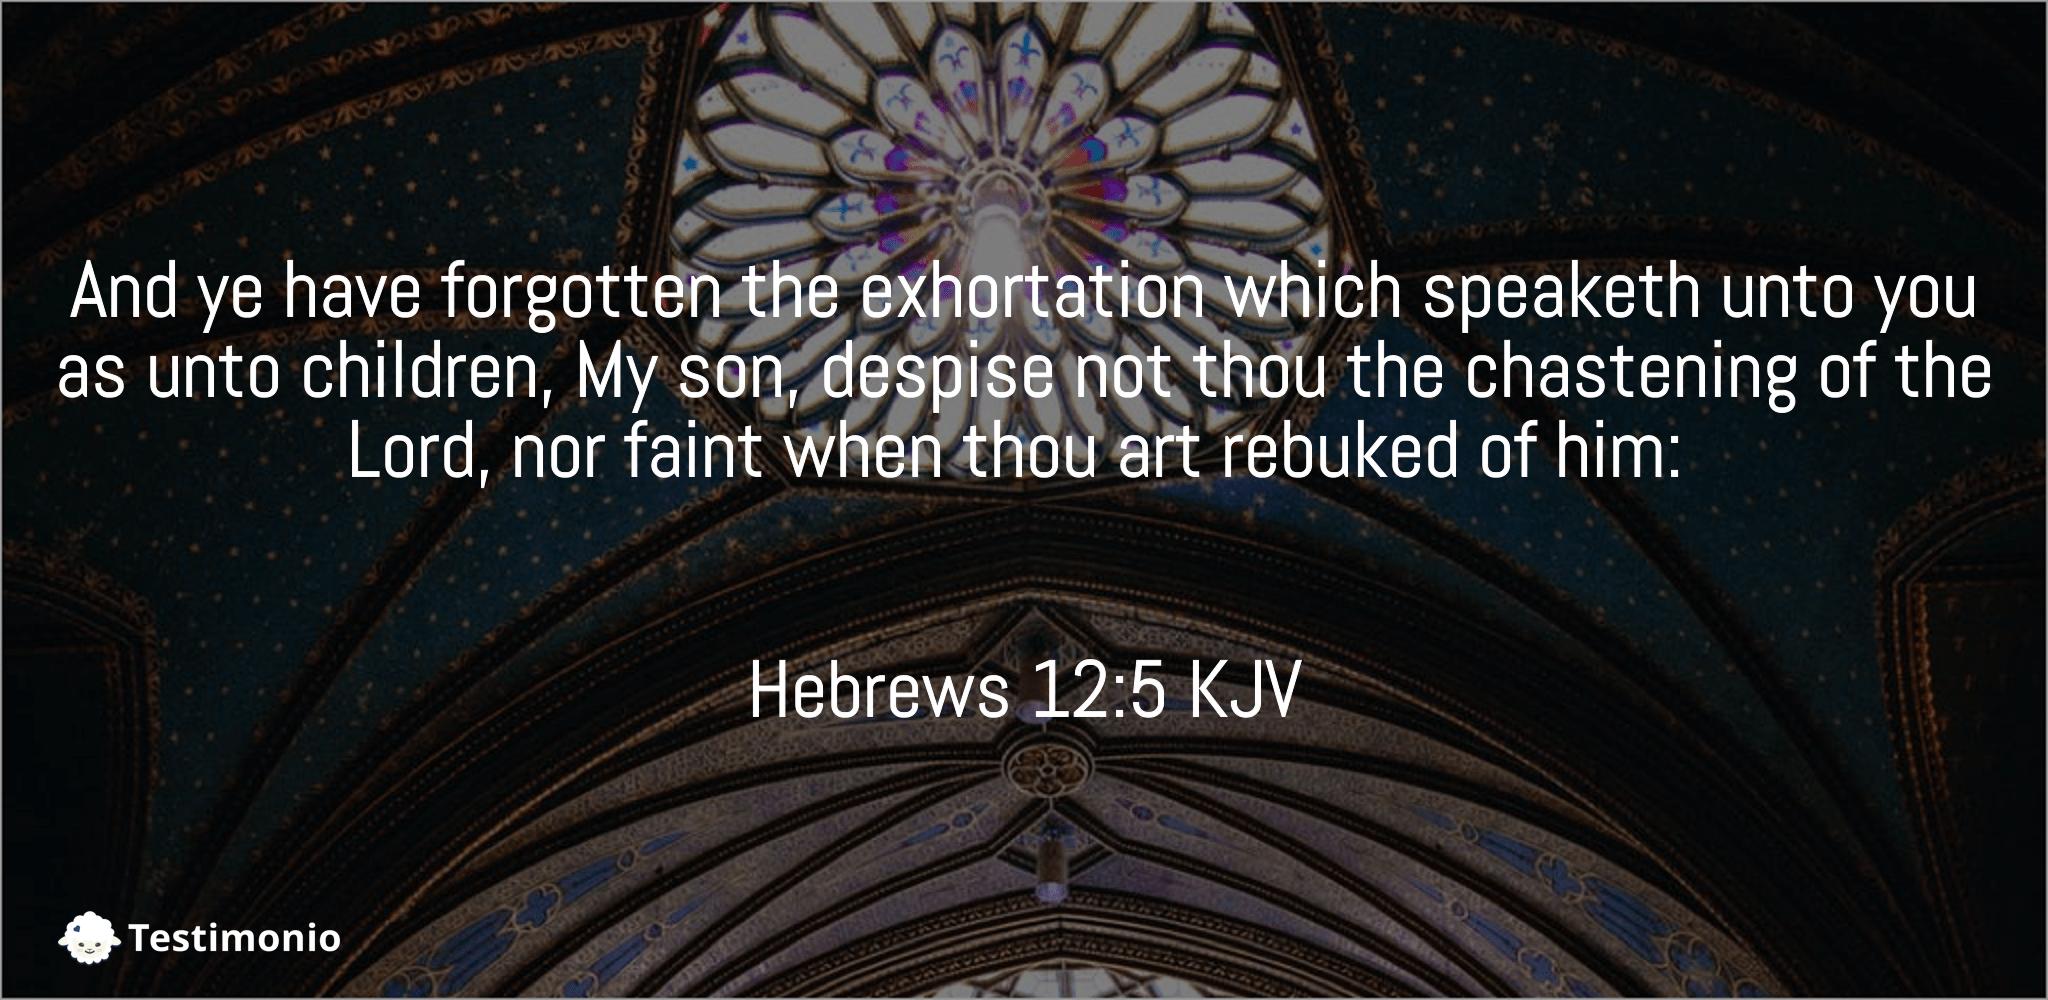 Hebrews 12:5